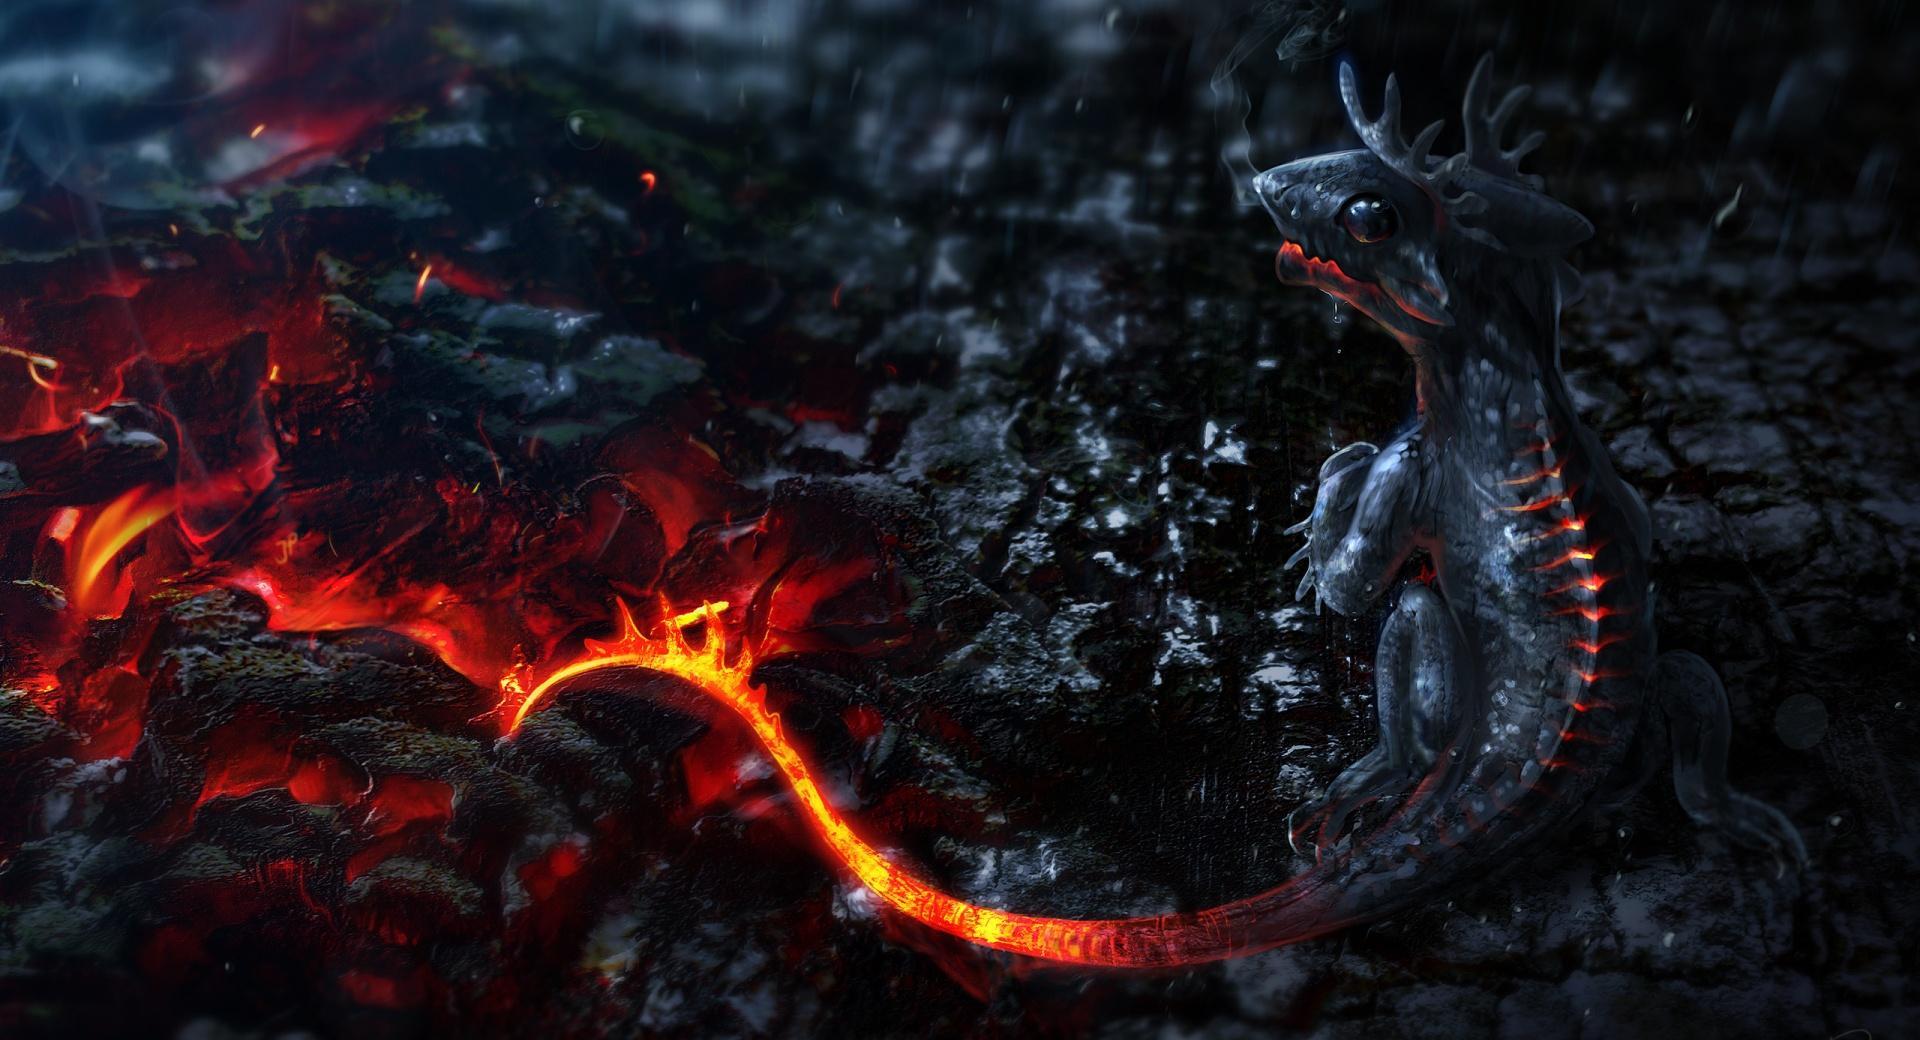 Salamander Artwork wallpapers HD quality